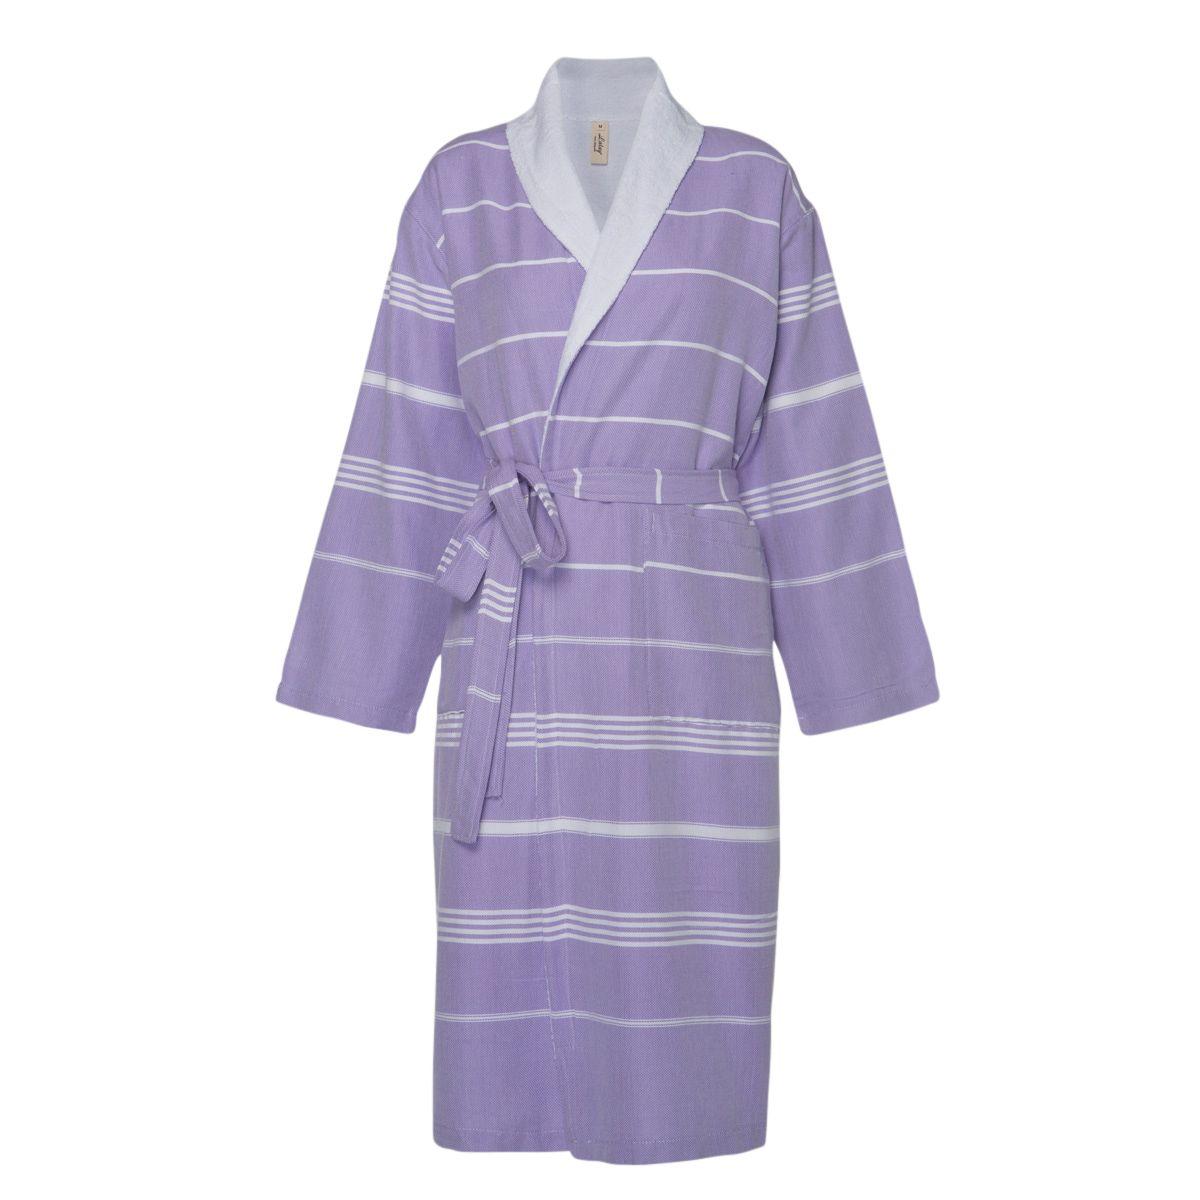 Bathrobe Leyla / With Towel Lining - Dark Lilac